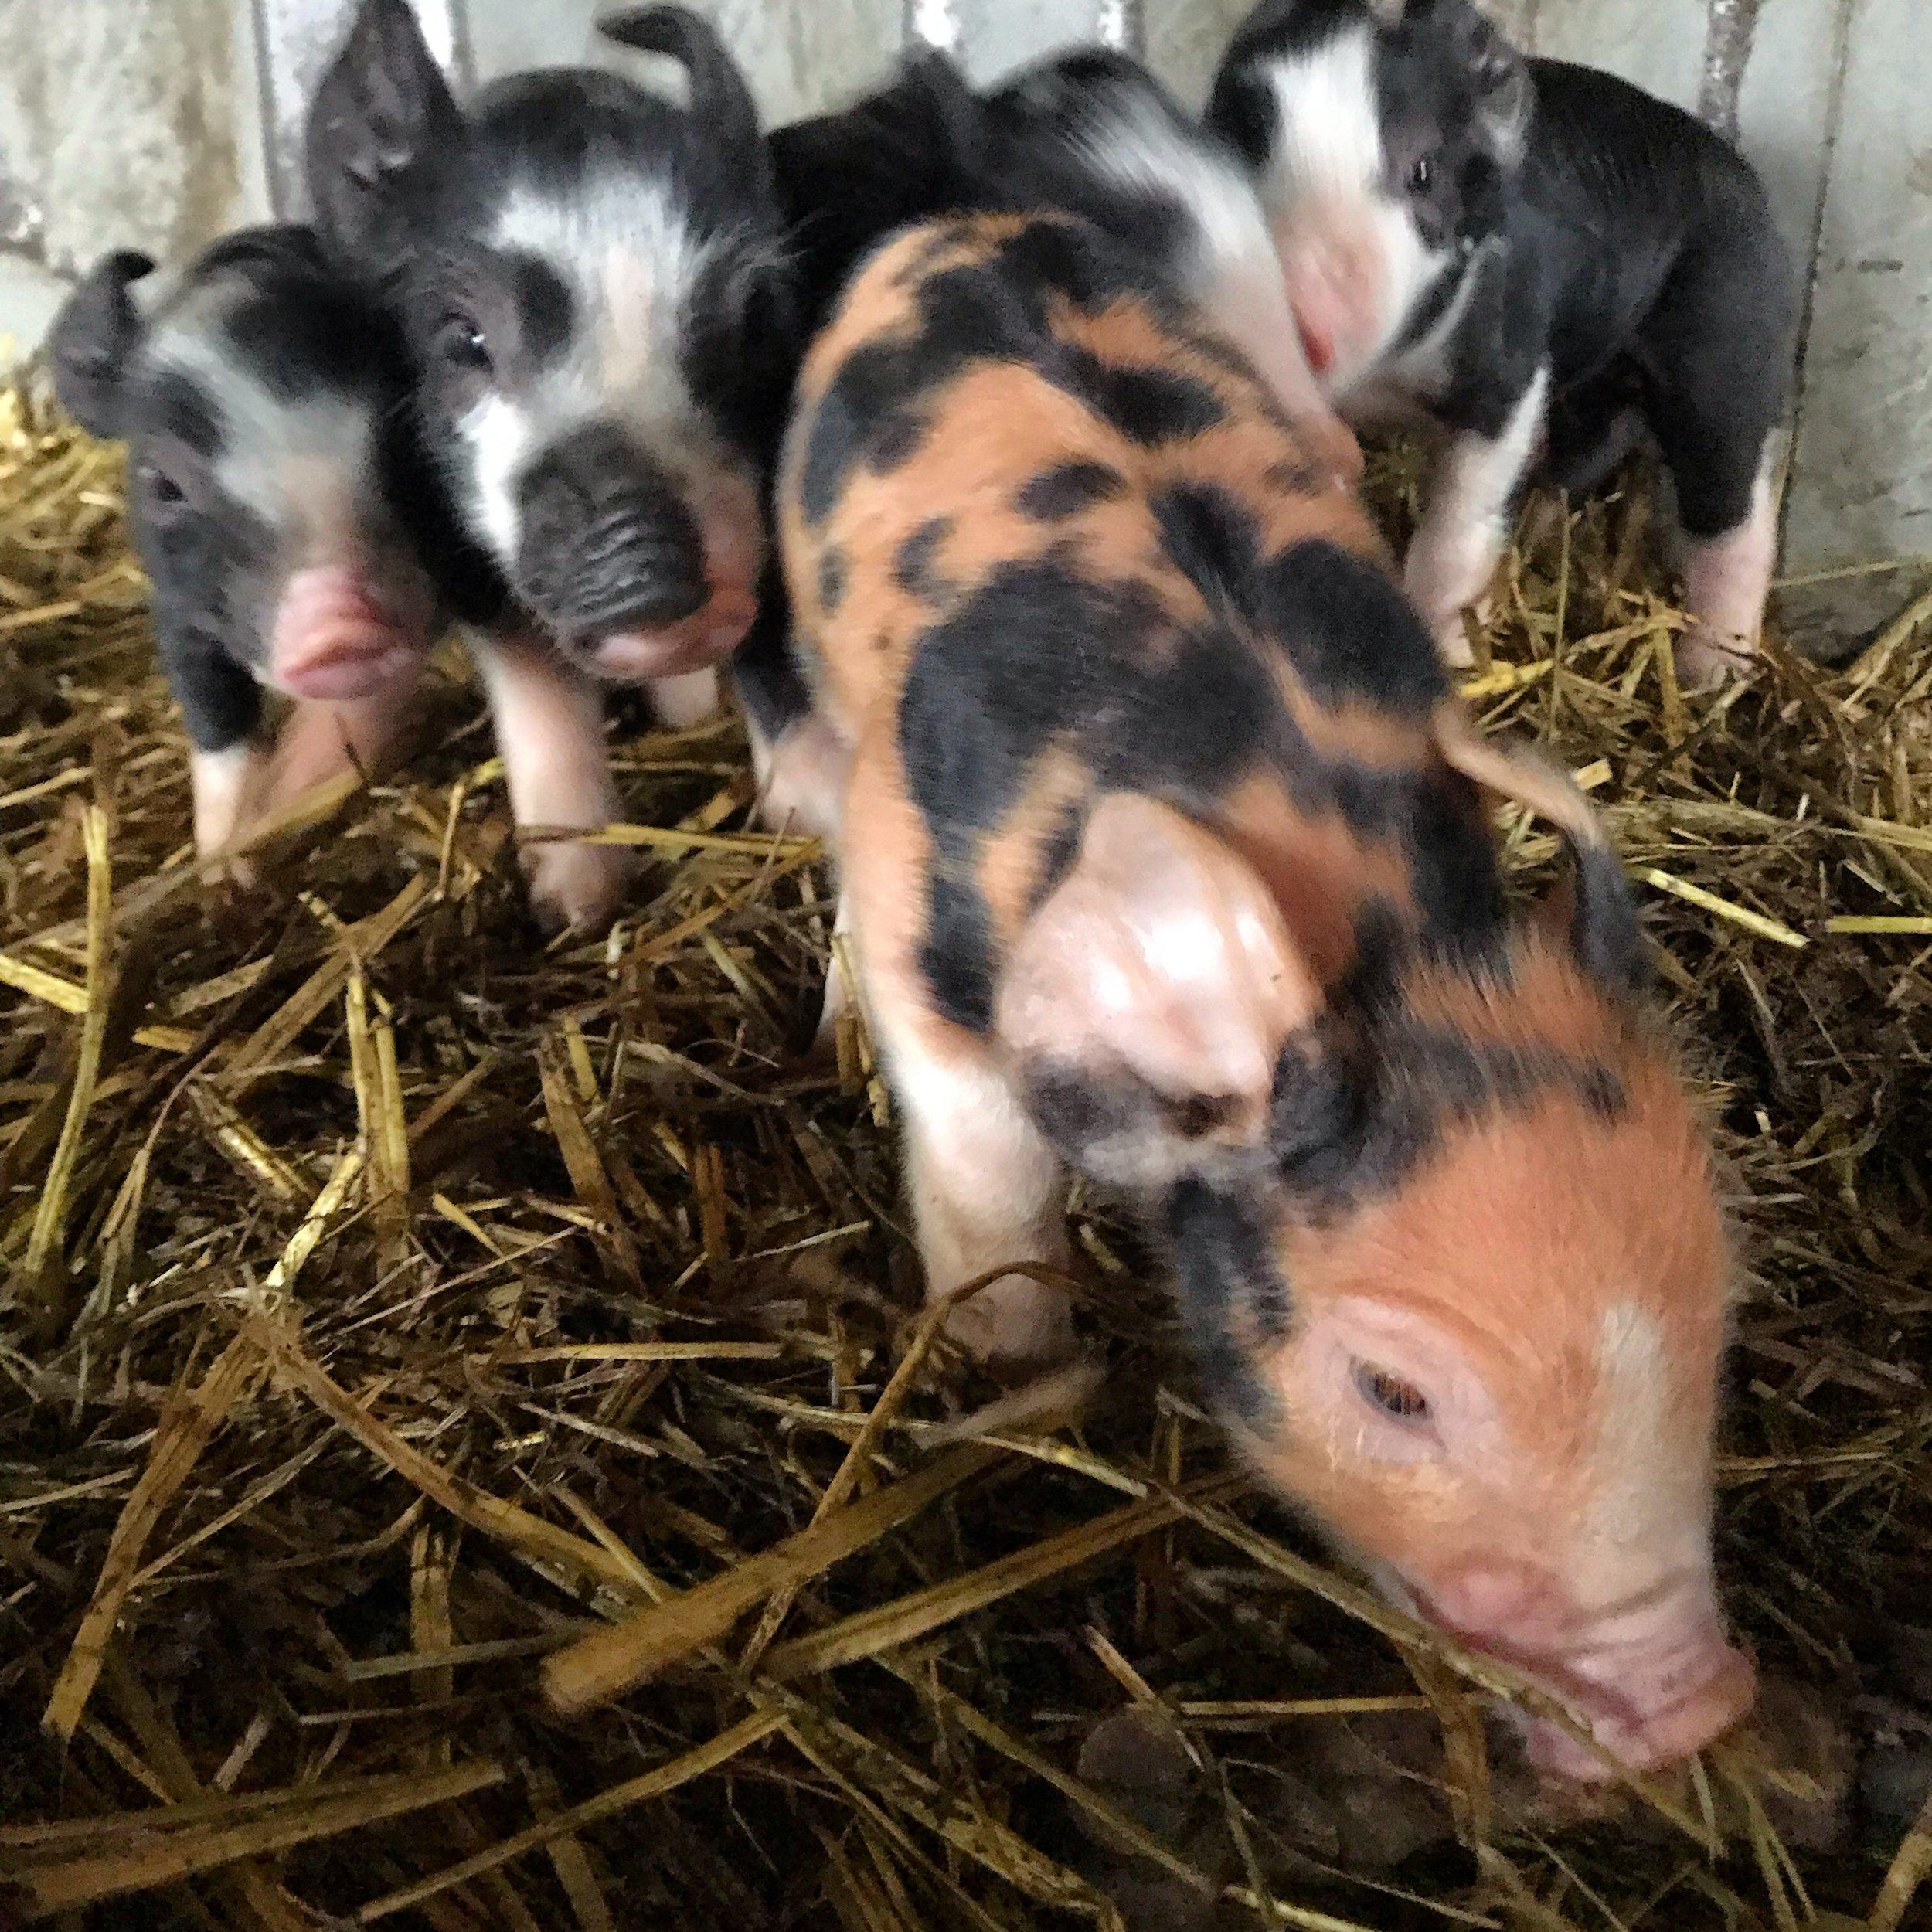 Penny Piglets